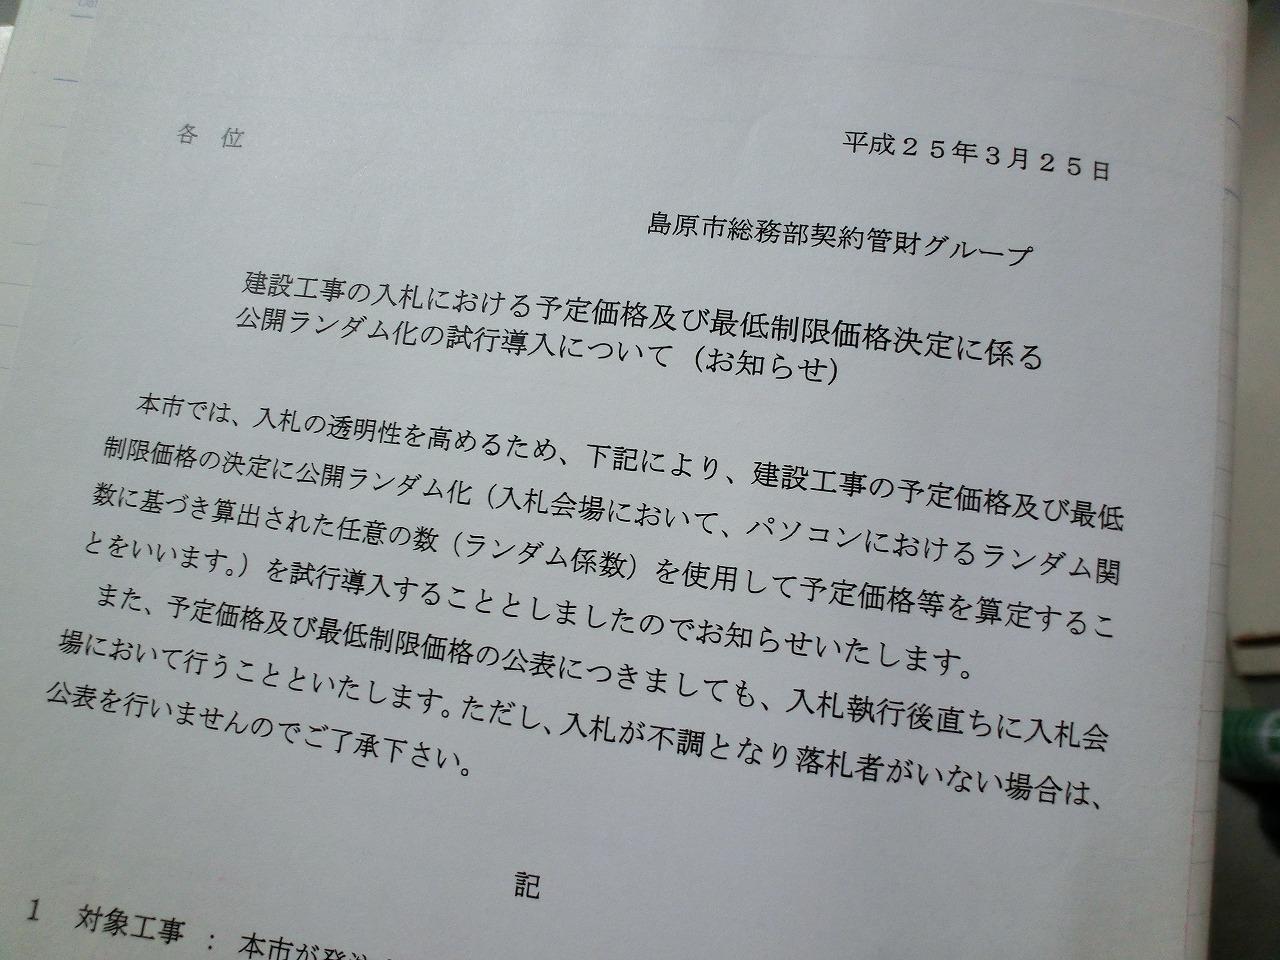 公開ランダムの導入:古川市政検証①_c0052876_23574169.jpg